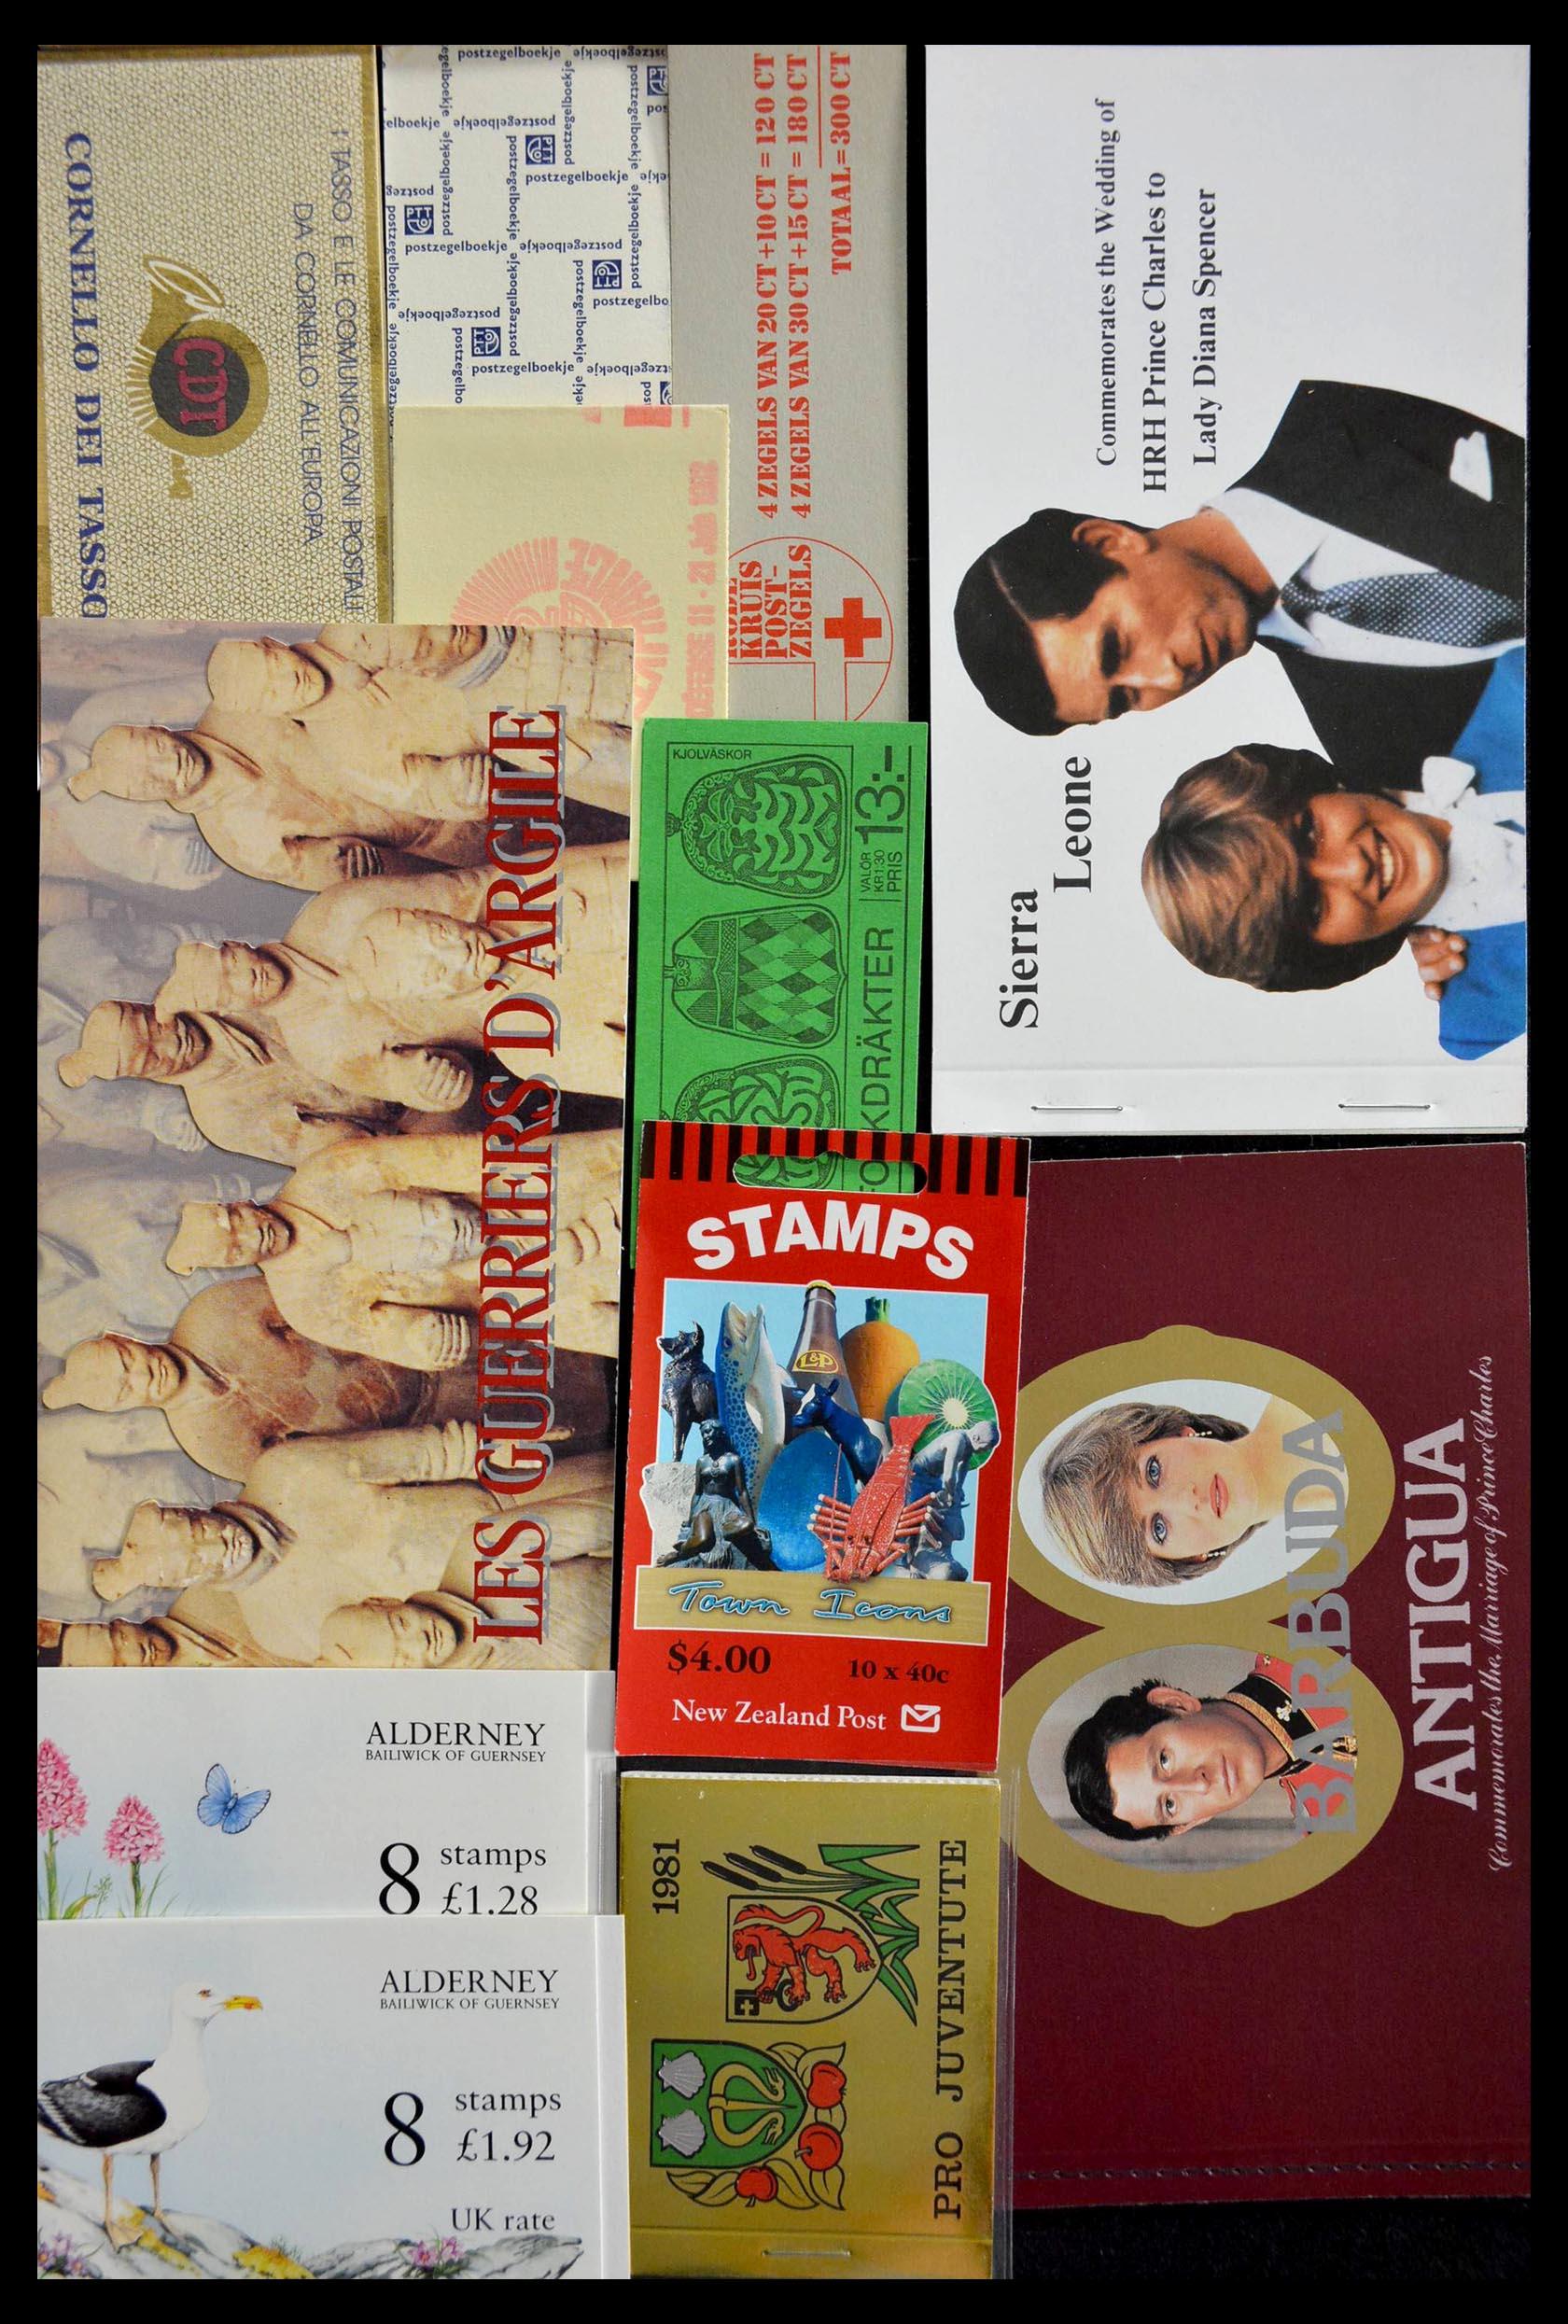 28824 002 - 28824 West Europa postzegelboekjes t/m modern.